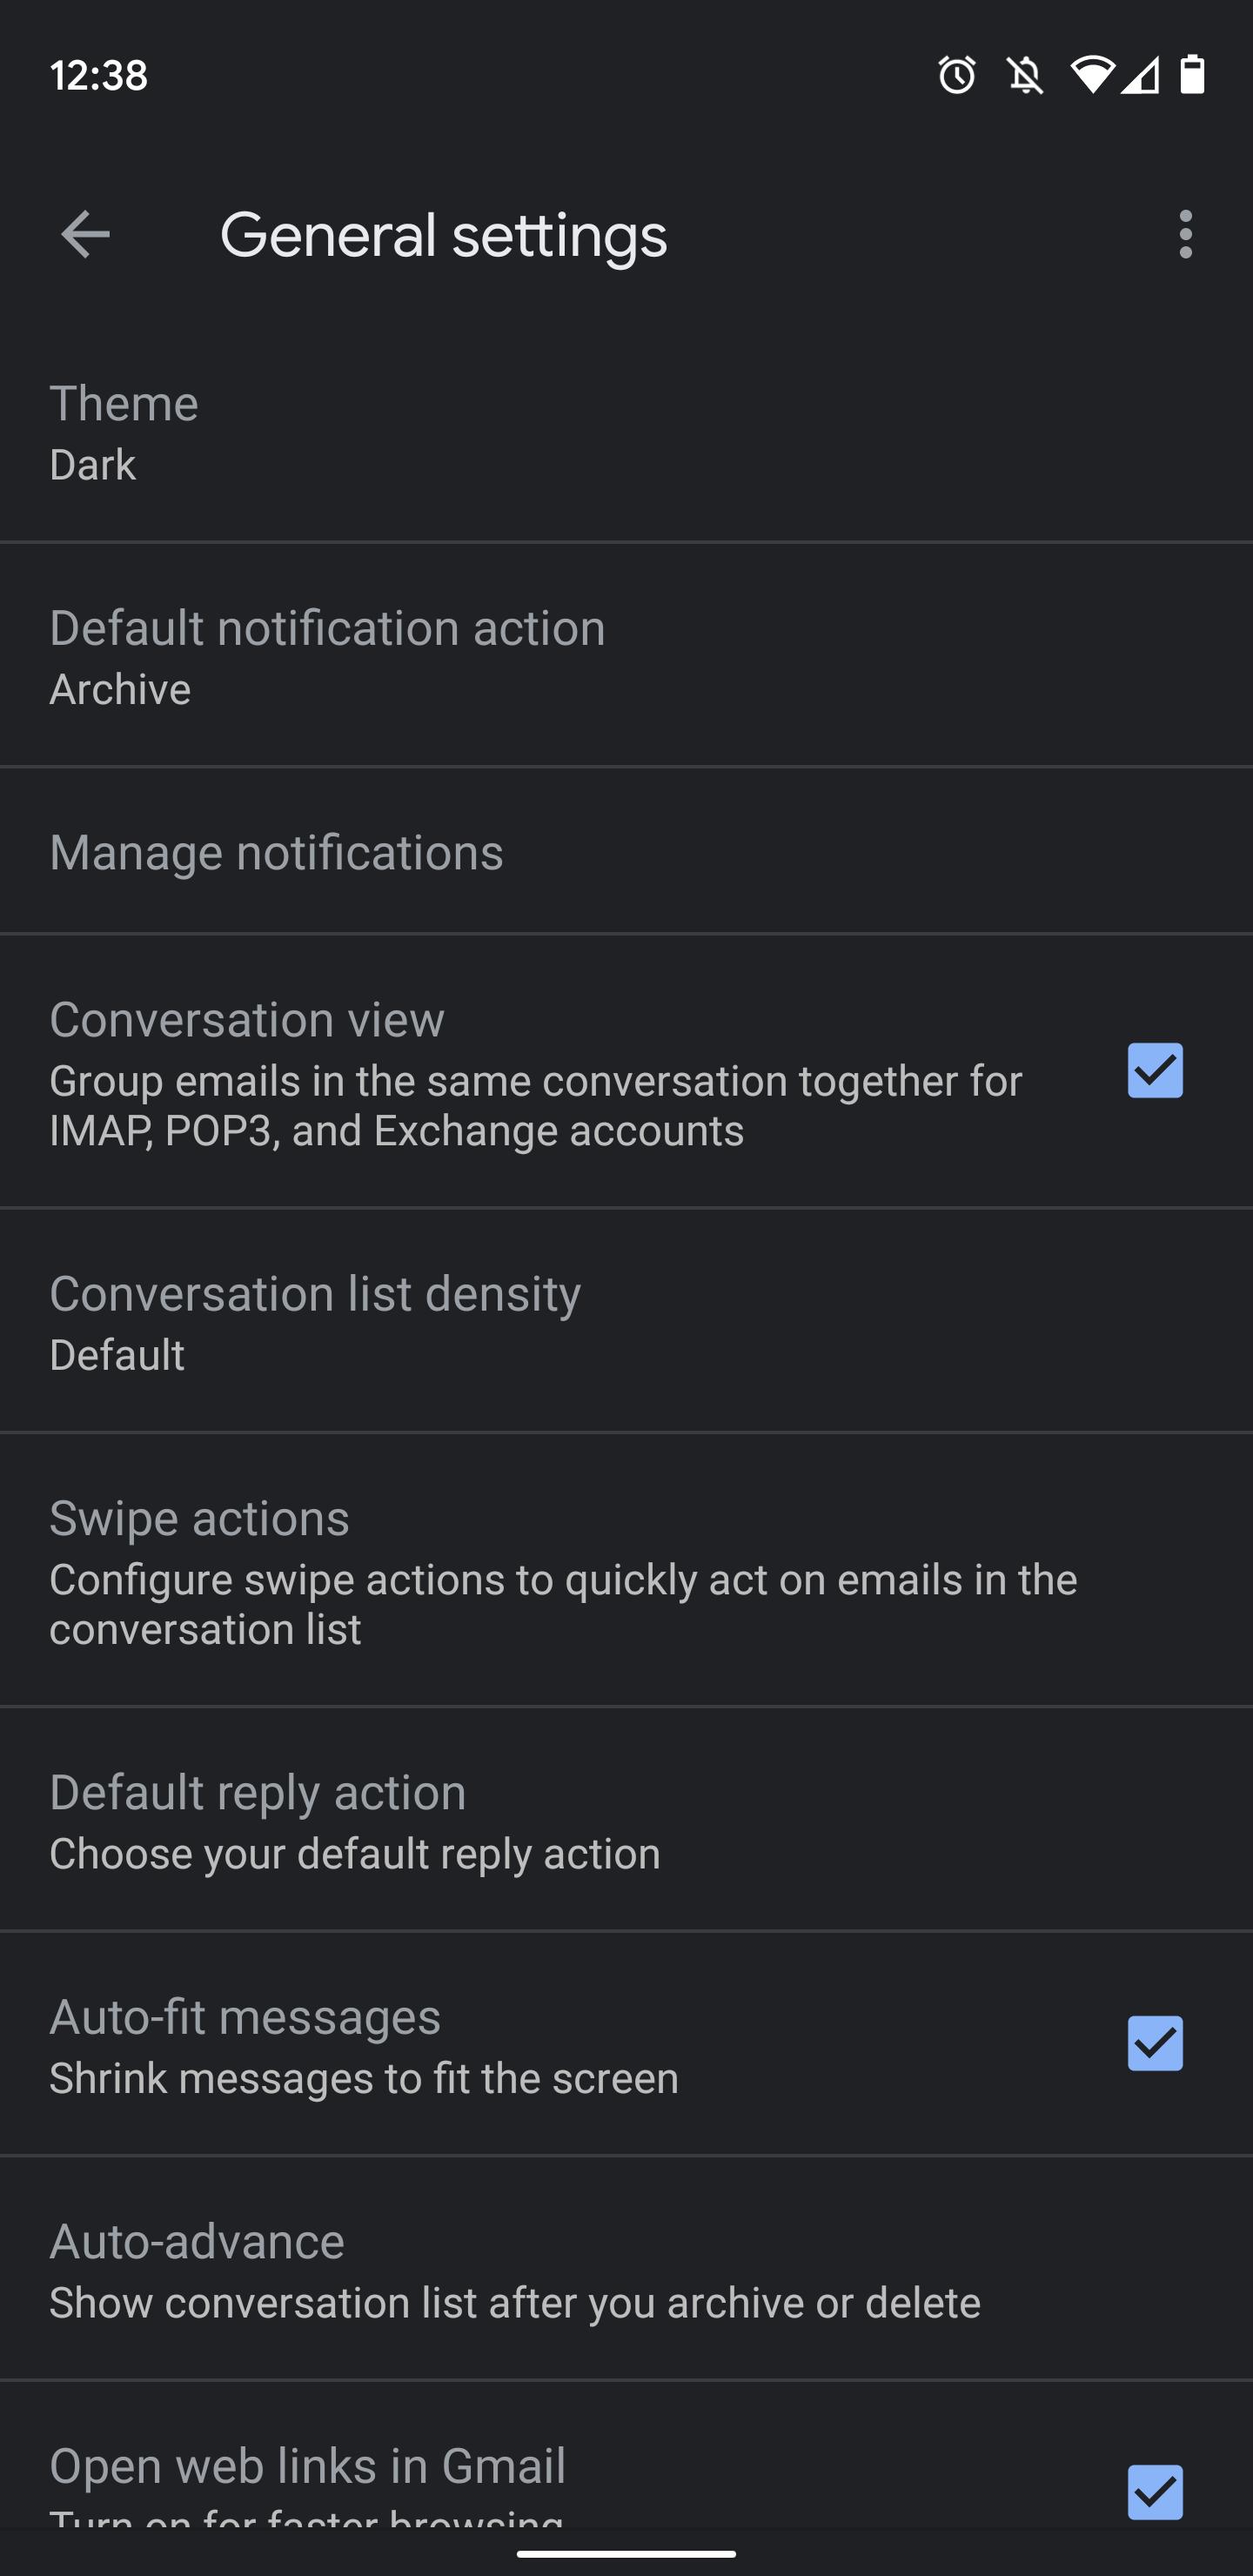 Android 及 iOS 平台的Gmail 应用程序迎来深色模式 6